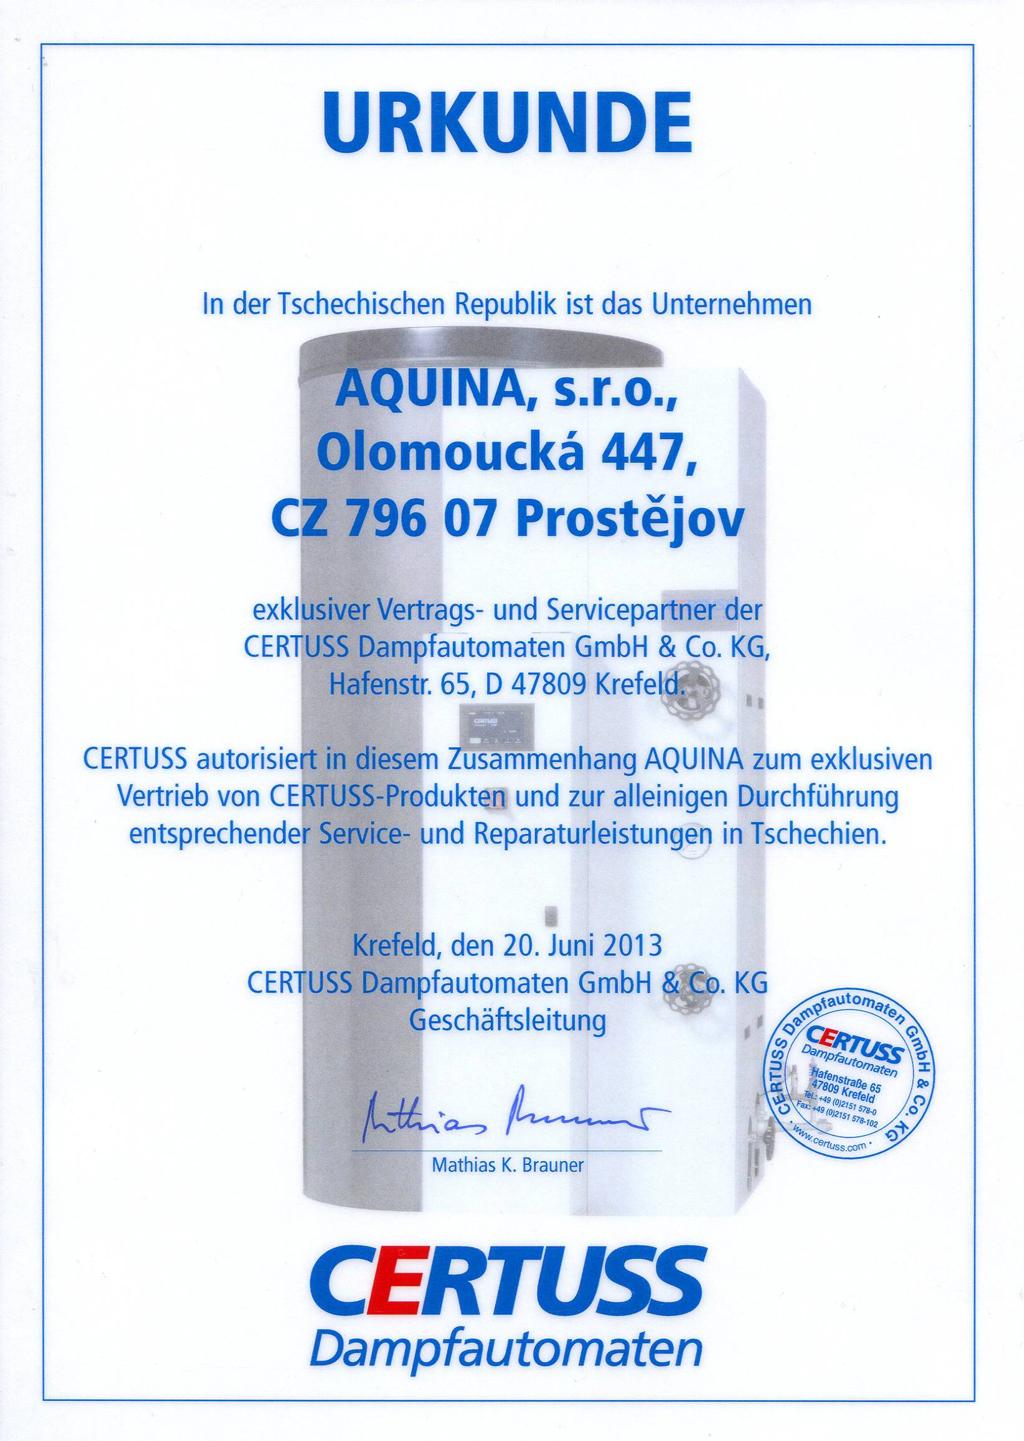 Zastoupení výrobce CERTUSS